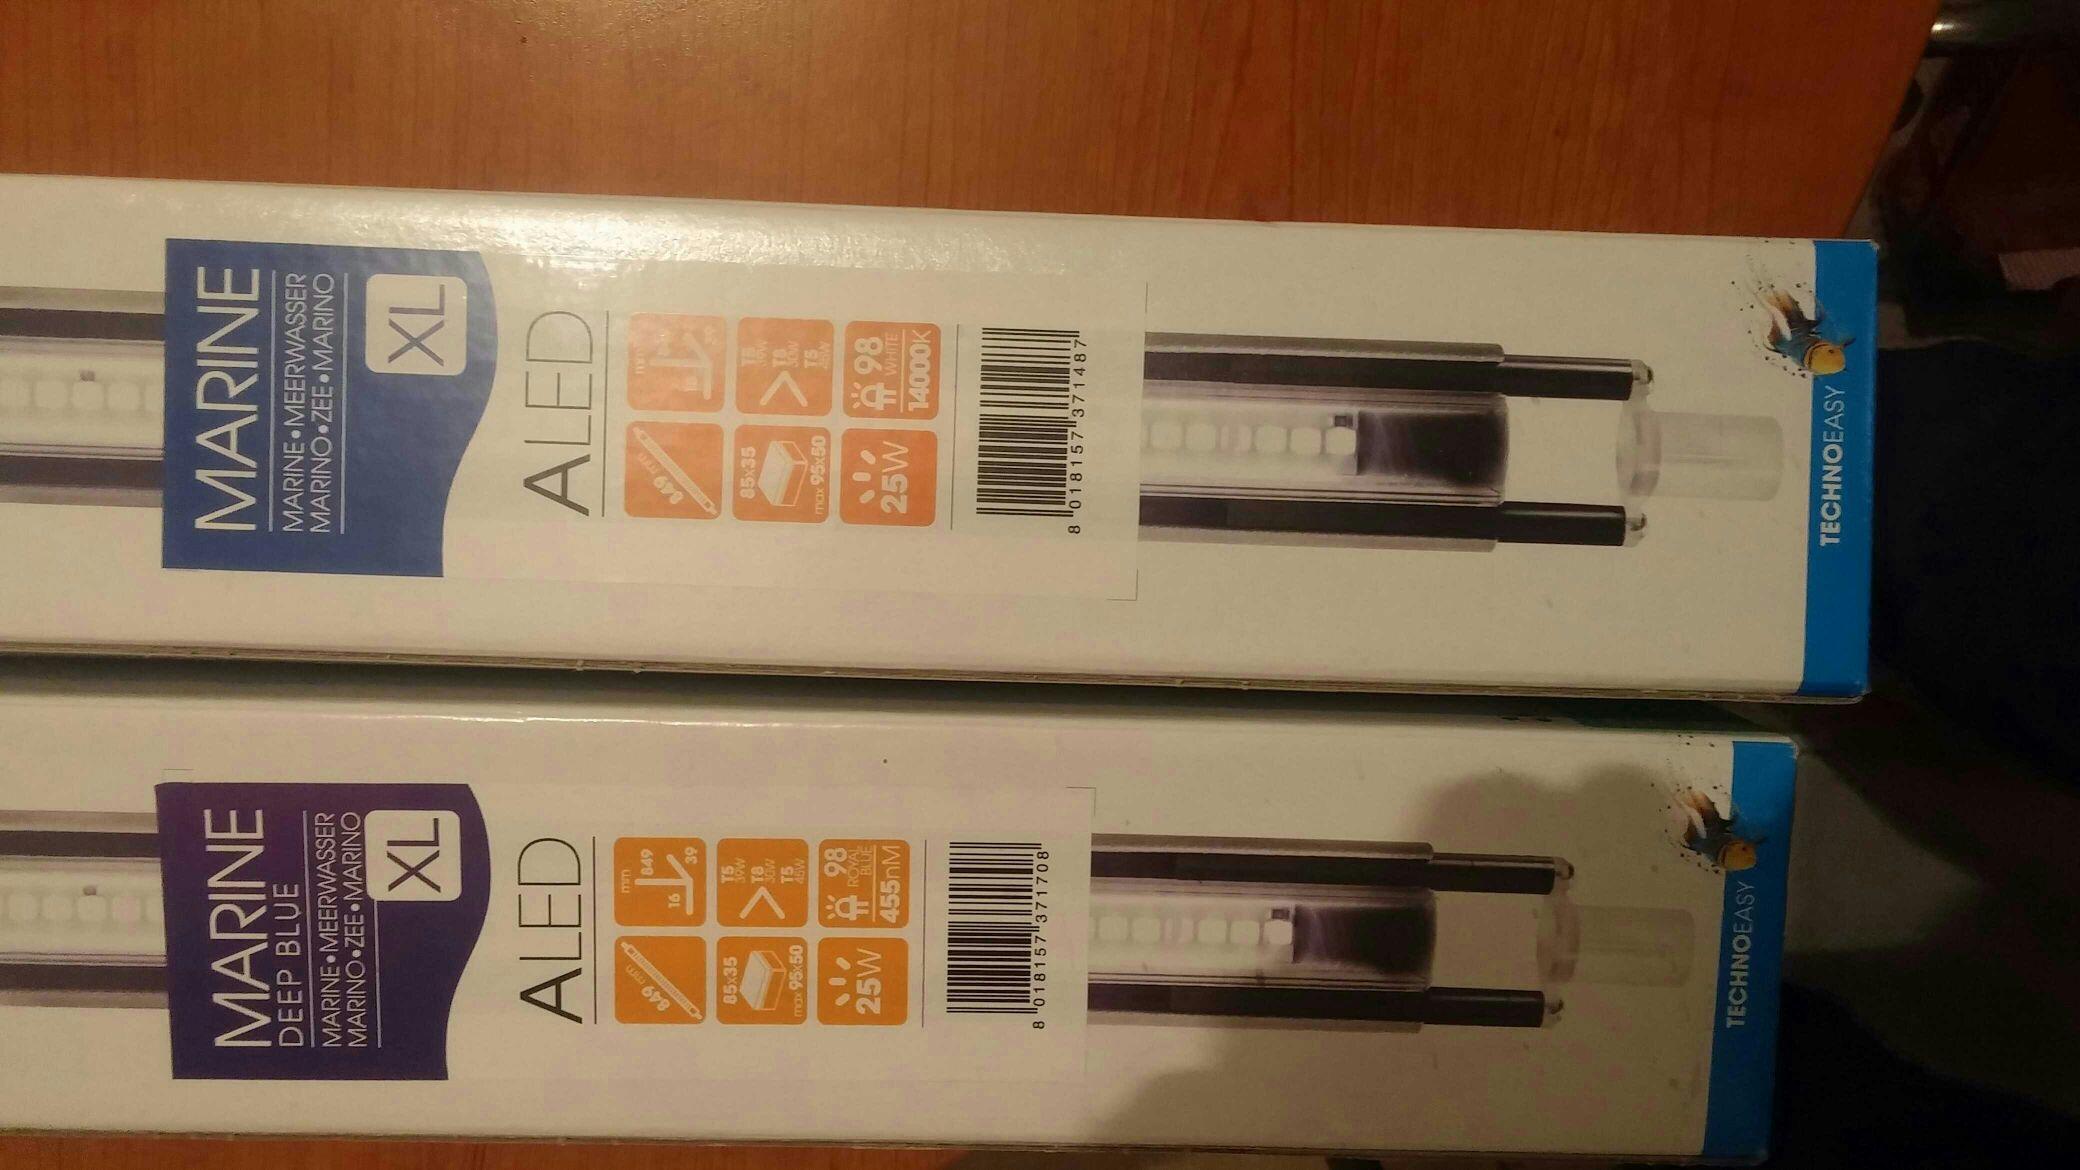 Vendo lampade led askoll gnc x marino il forum del magazine danireef